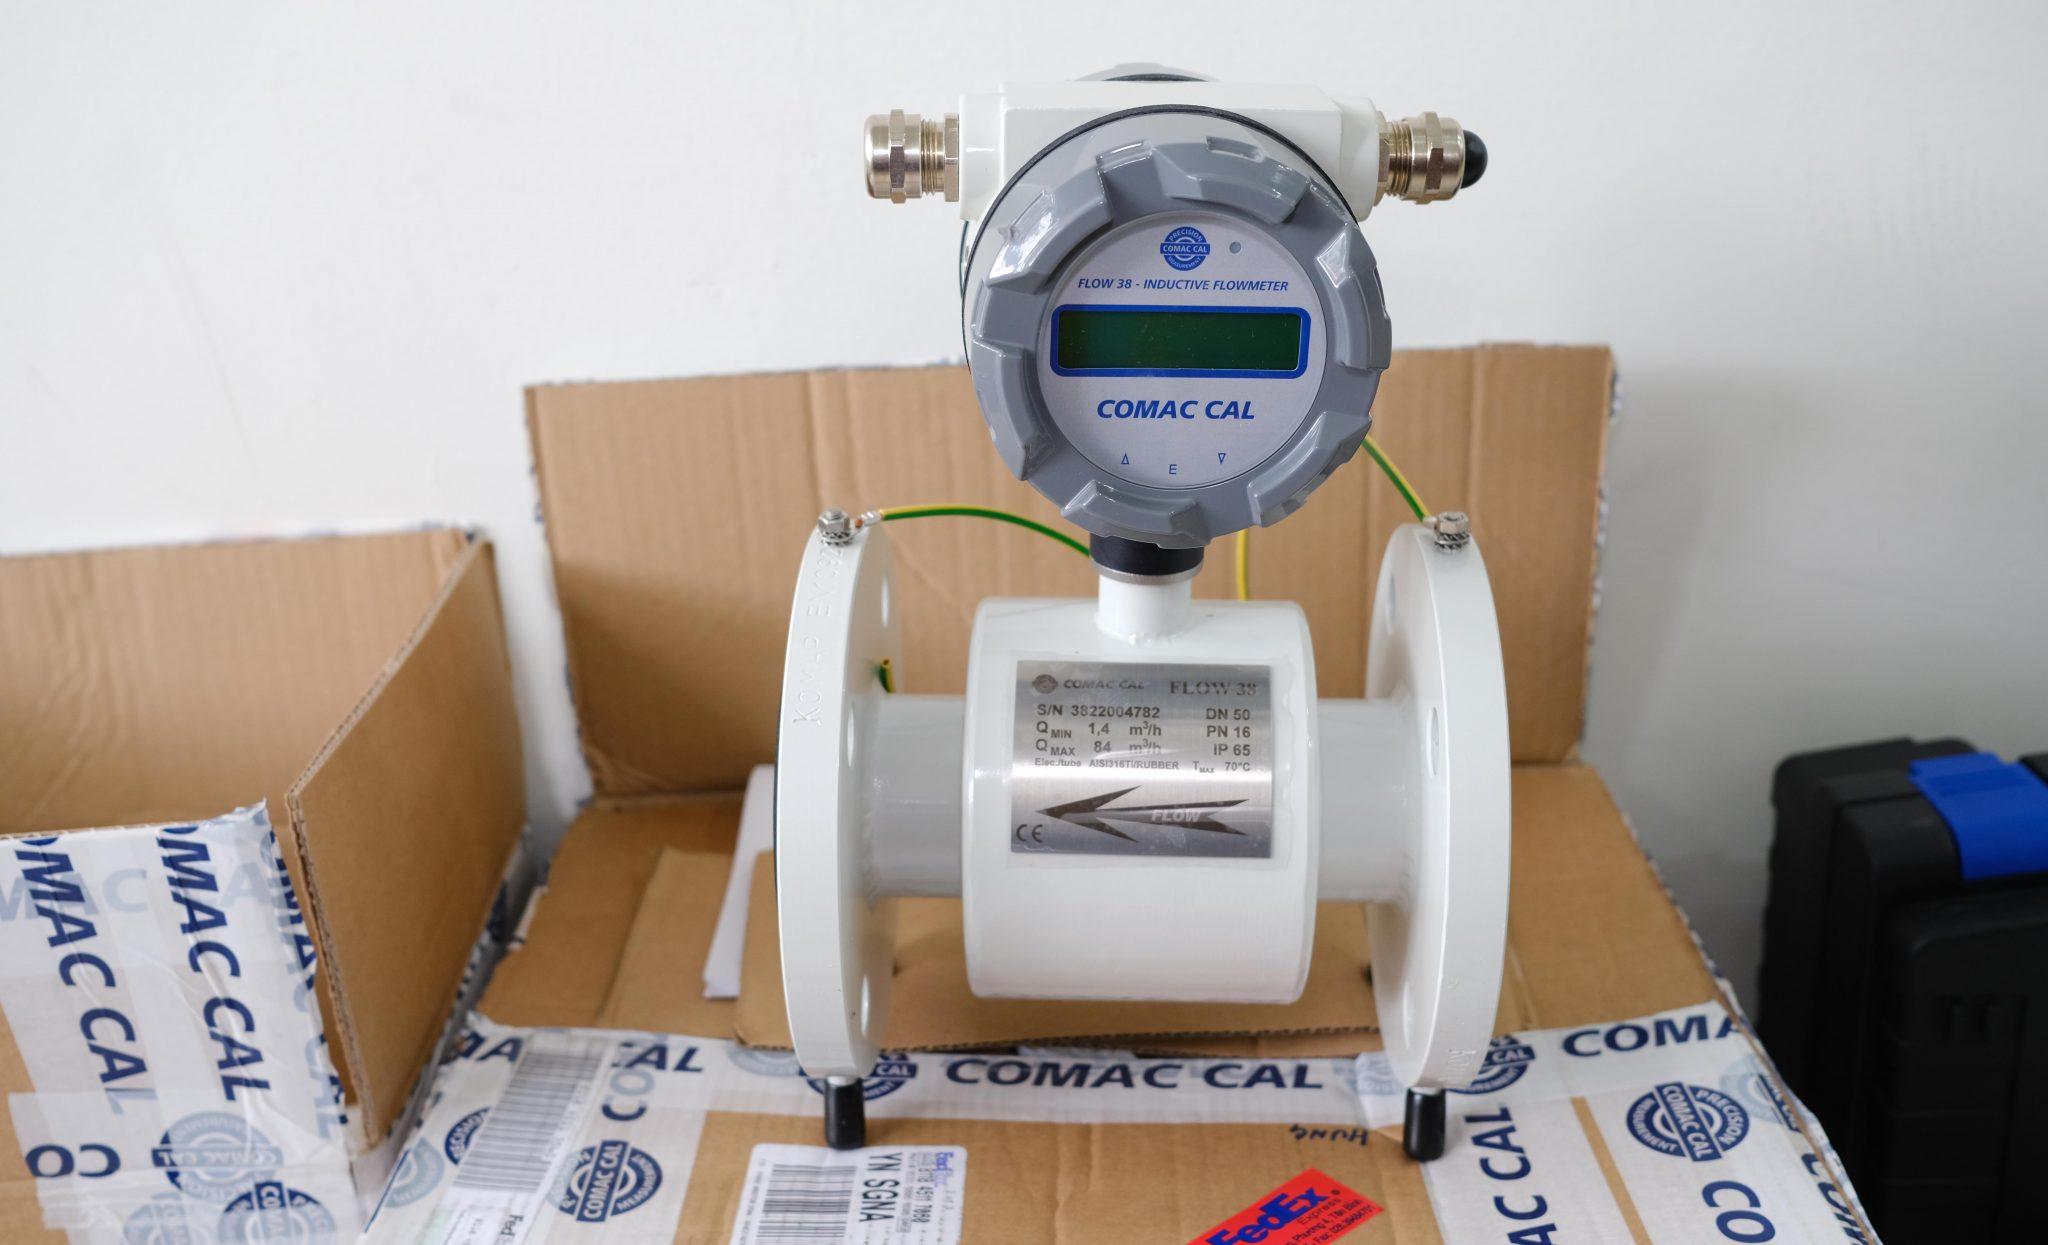 Đồng hồ đo lưu lượng nước là gì?